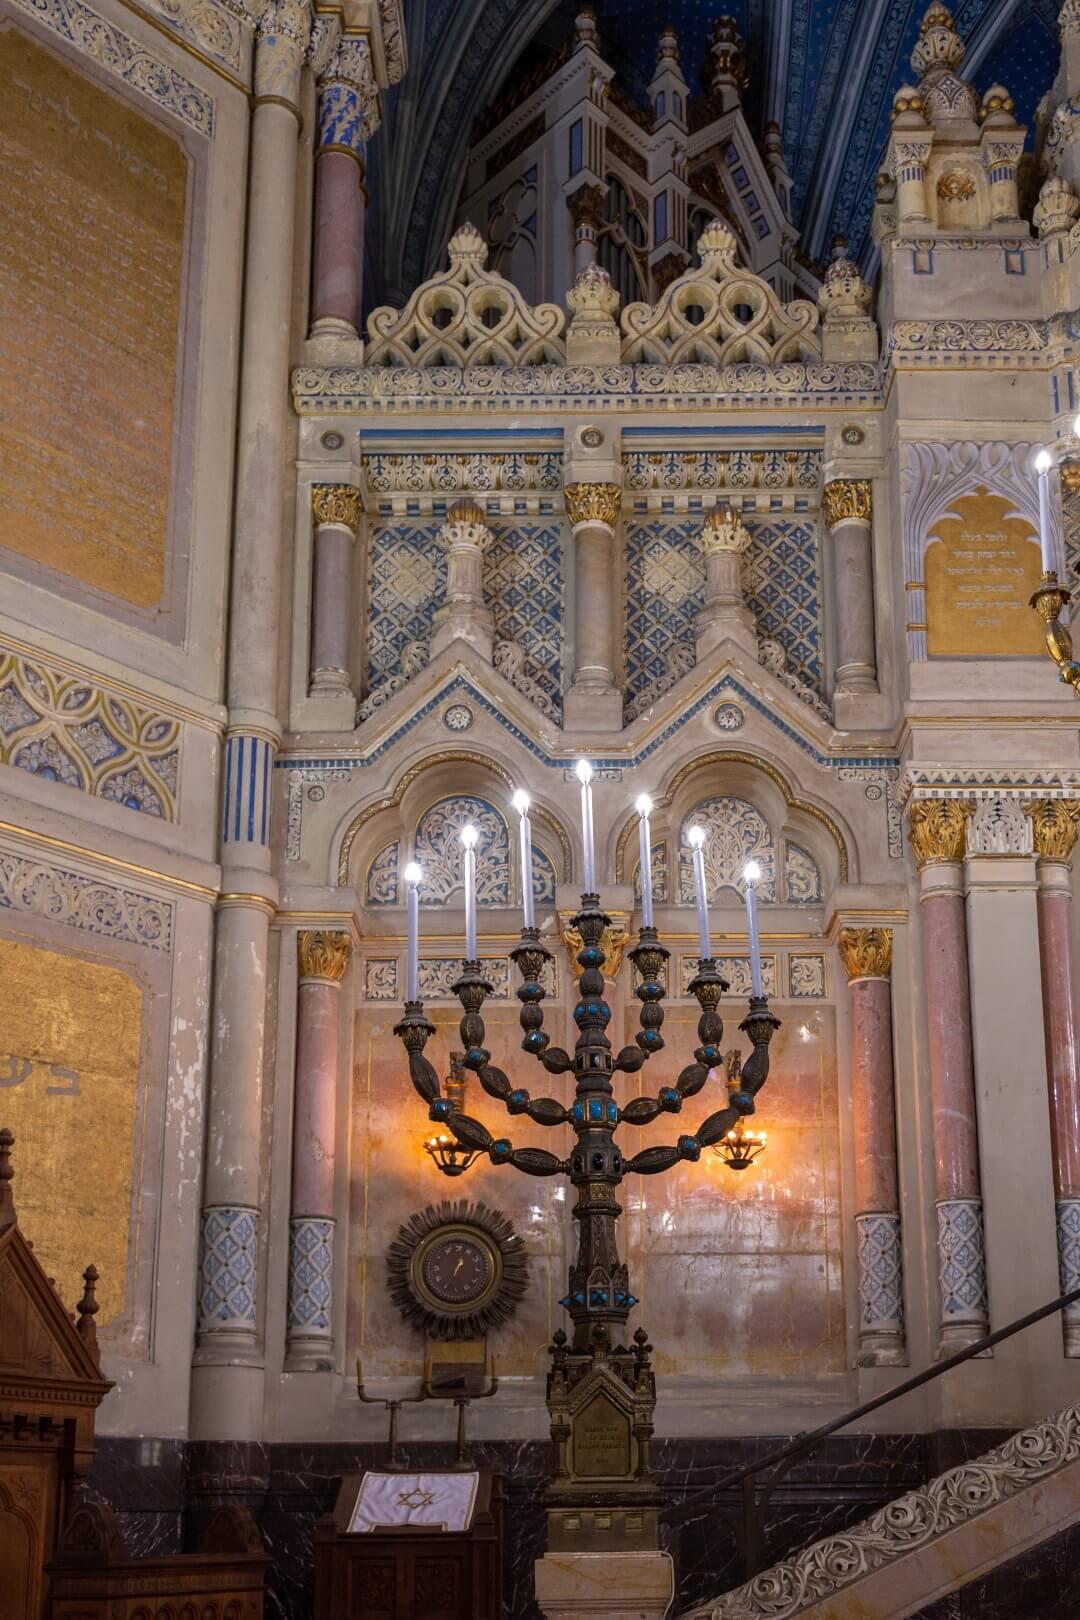 Menorenleuchter in der neuen Synagoge zu Szeged